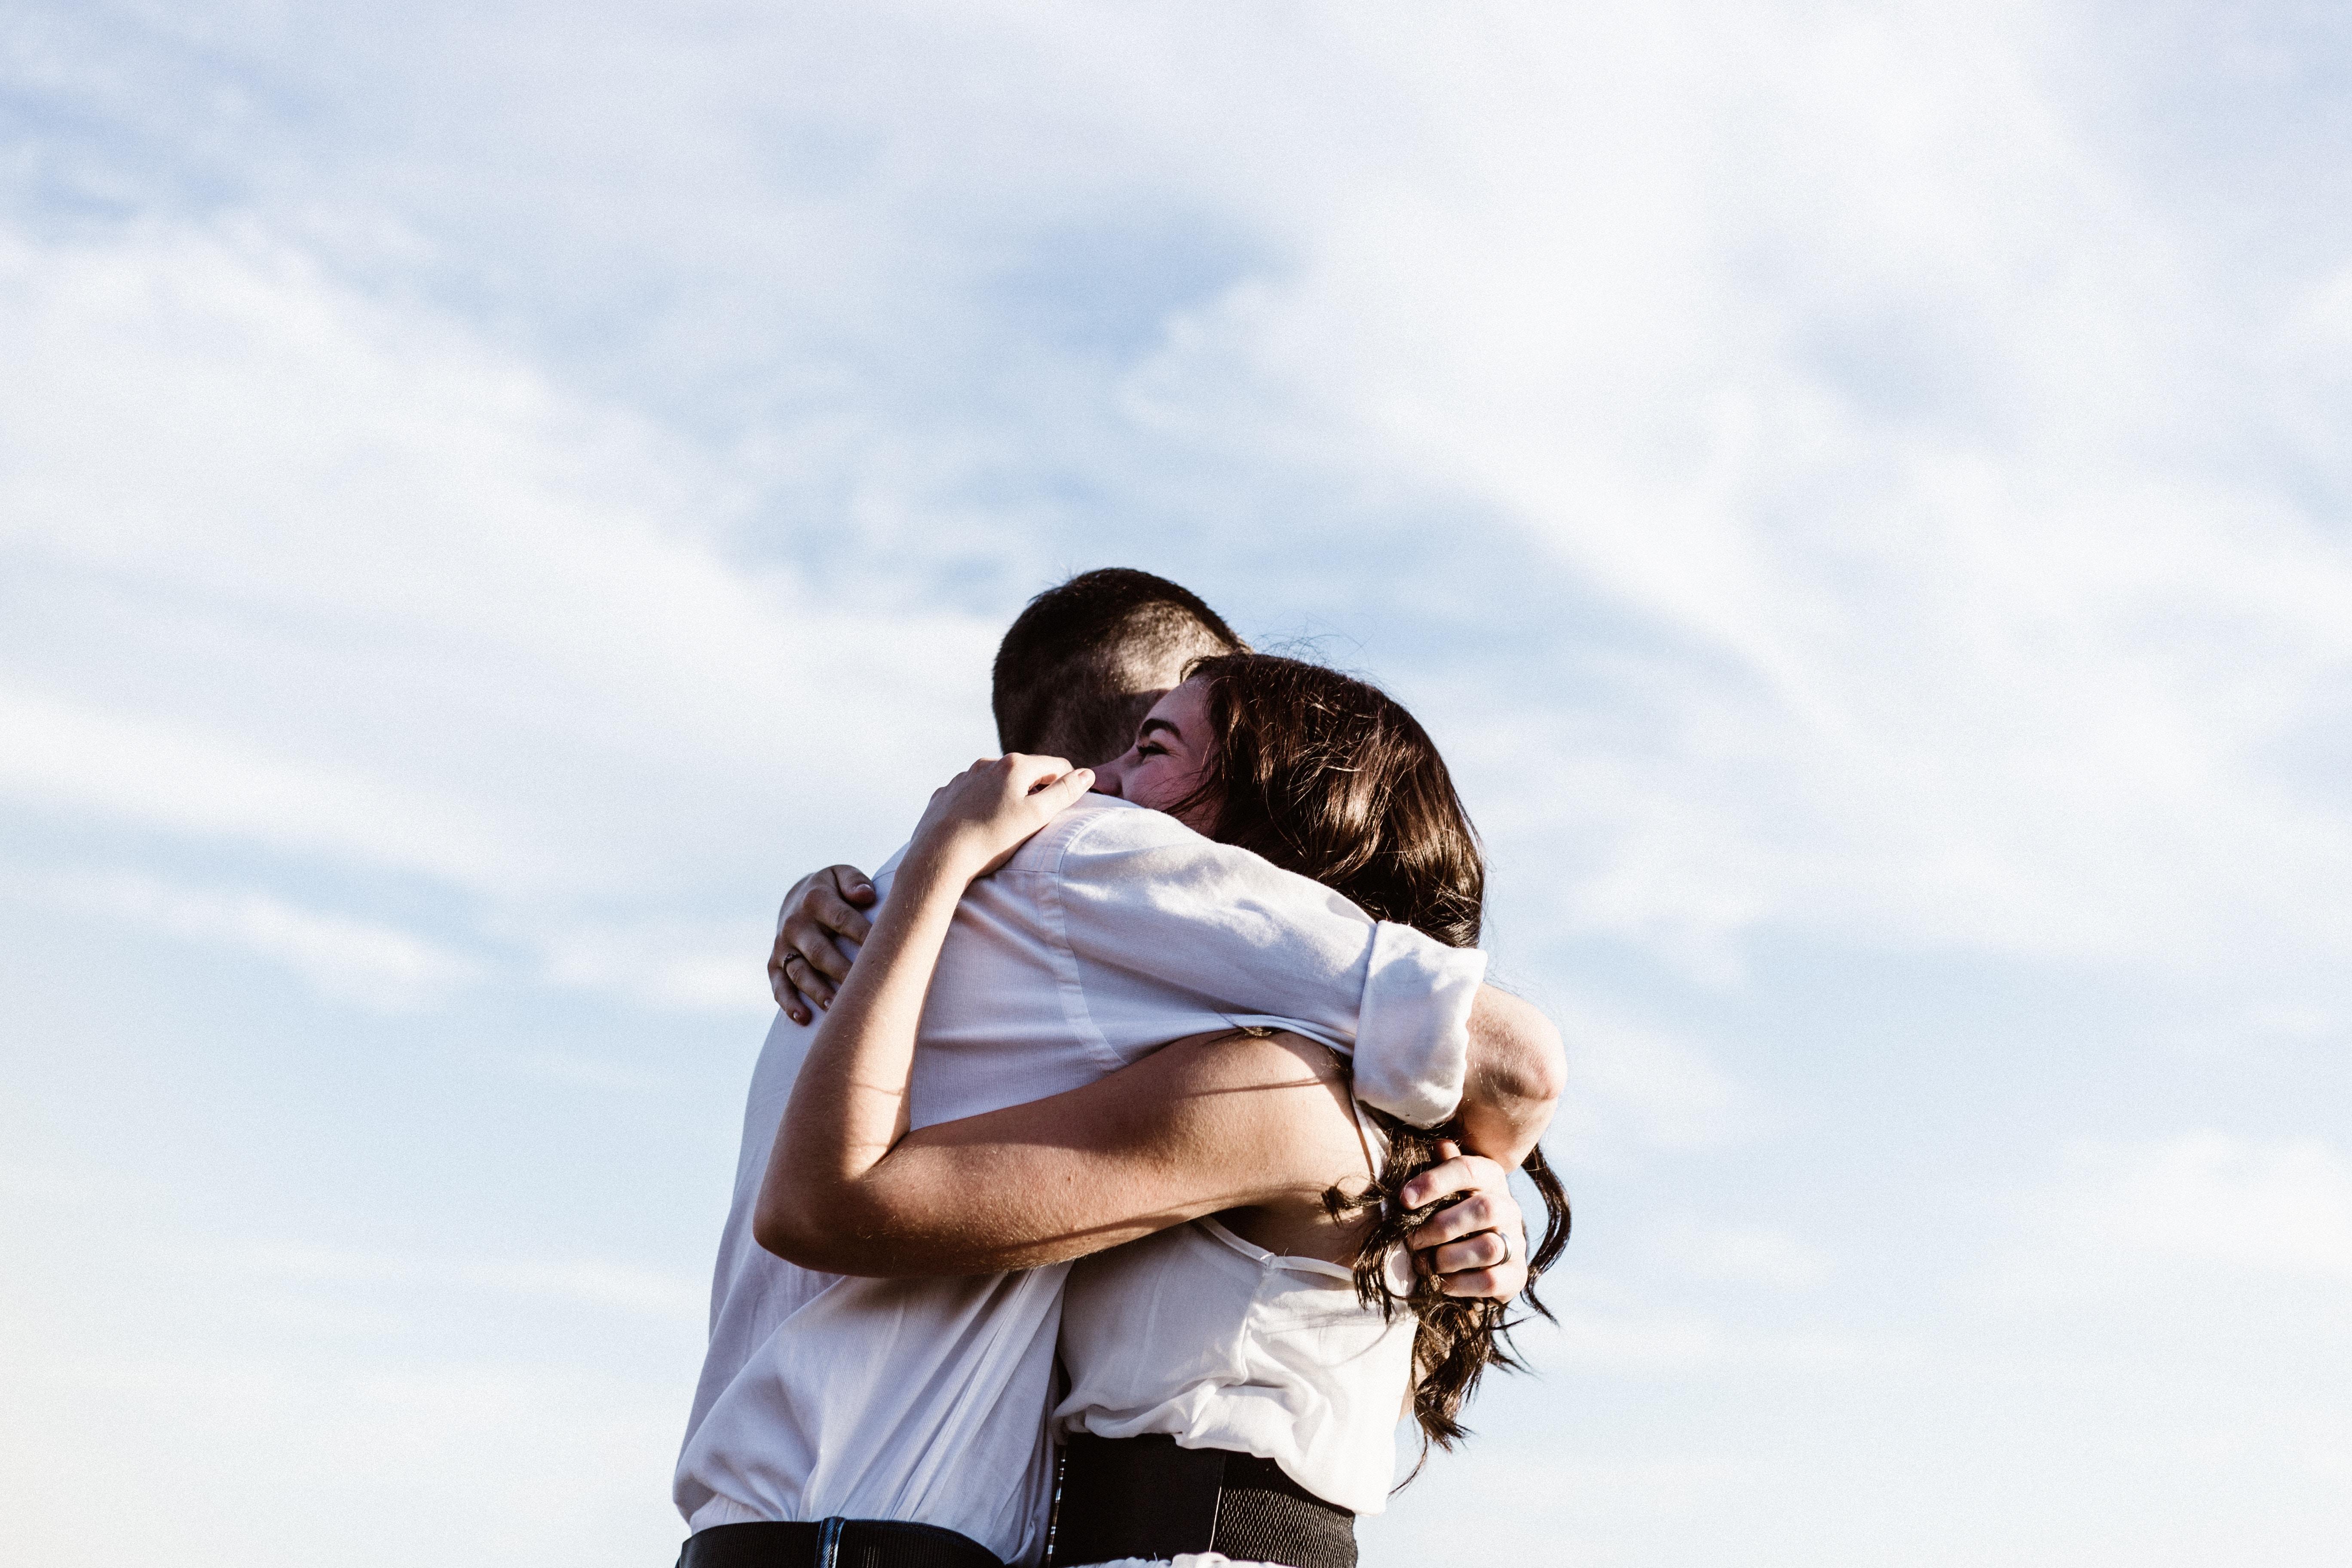 The suffocating hug